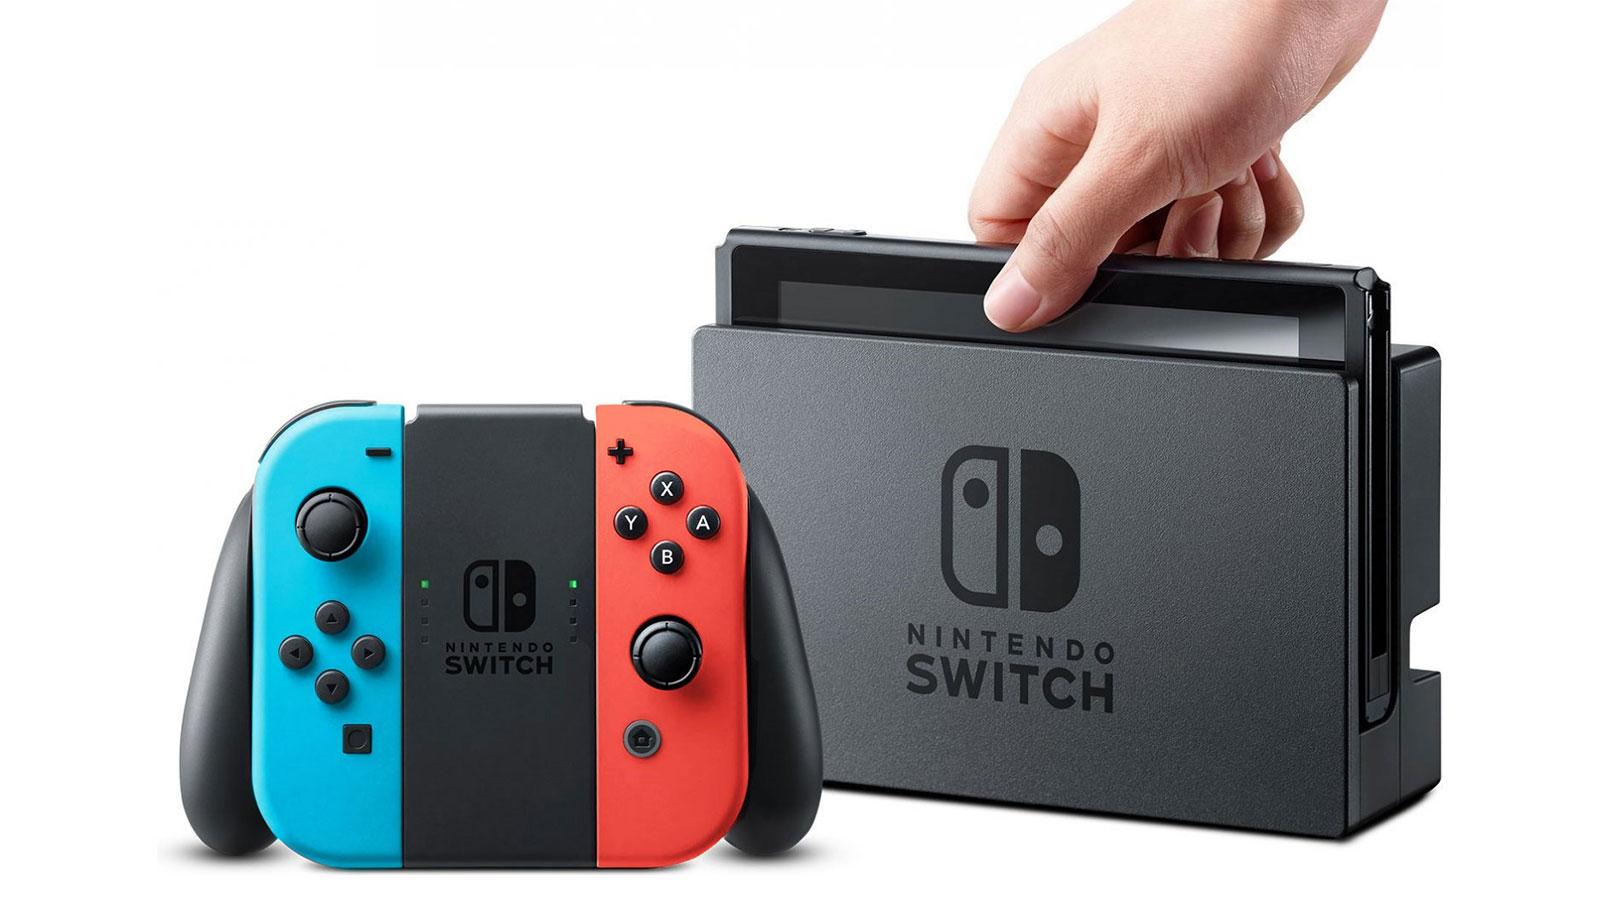 Nintendo-k 55,77 milioi kontsola saldu ditu dagoeneko Switch